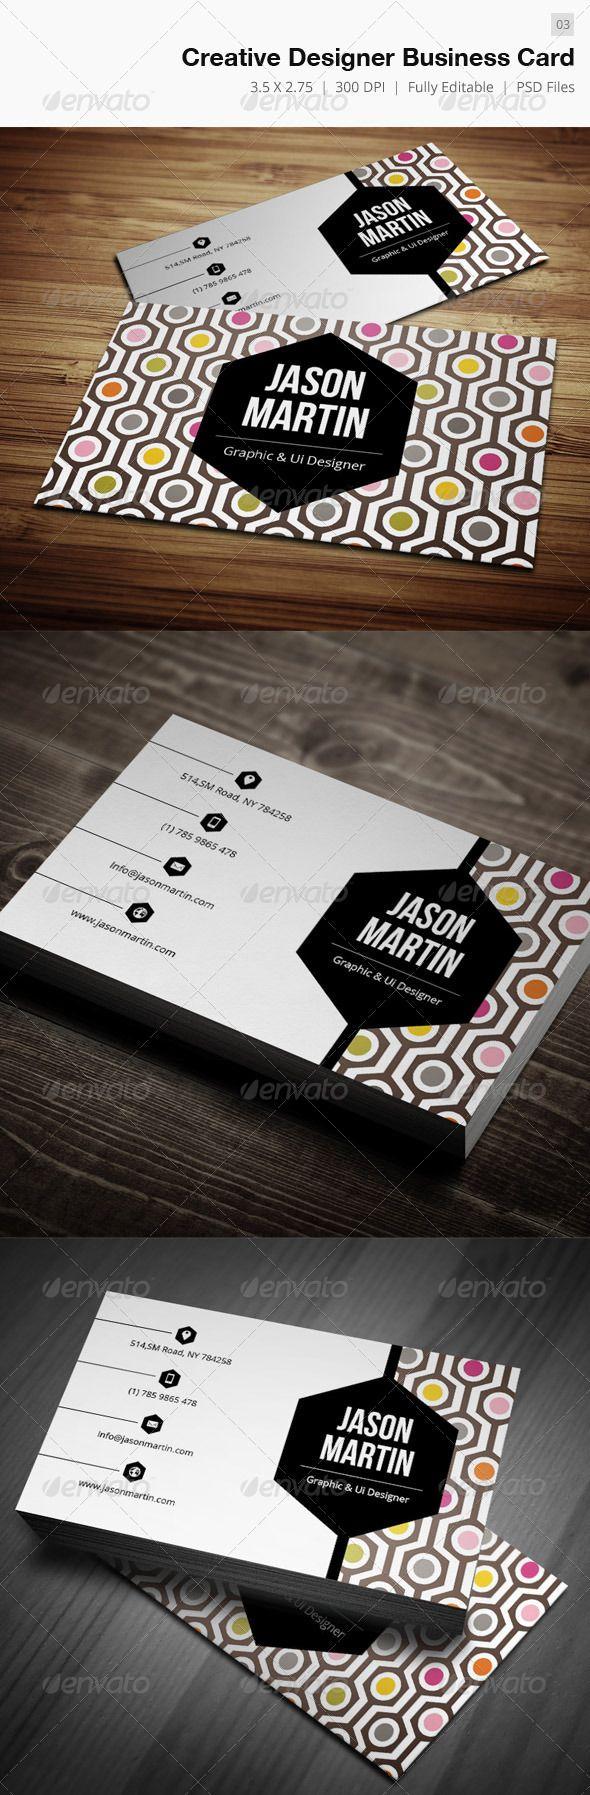 Creative Designer Business Card - 03 | b r a n d i n g | Pinterest ...